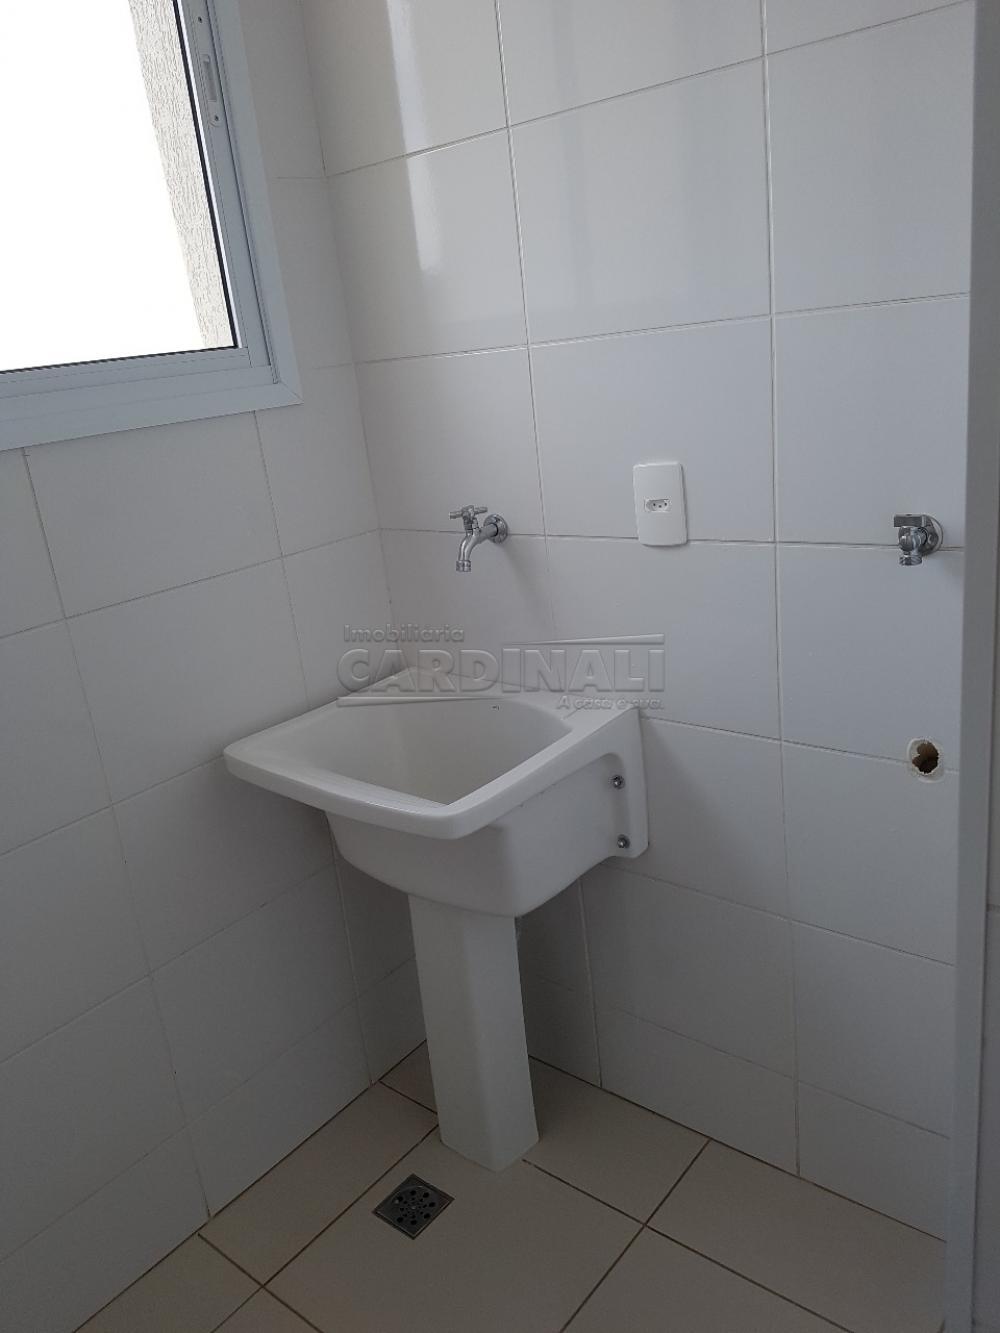 Alugar Apartamento / Padrão em São Carlos R$ 2.112,00 - Foto 10